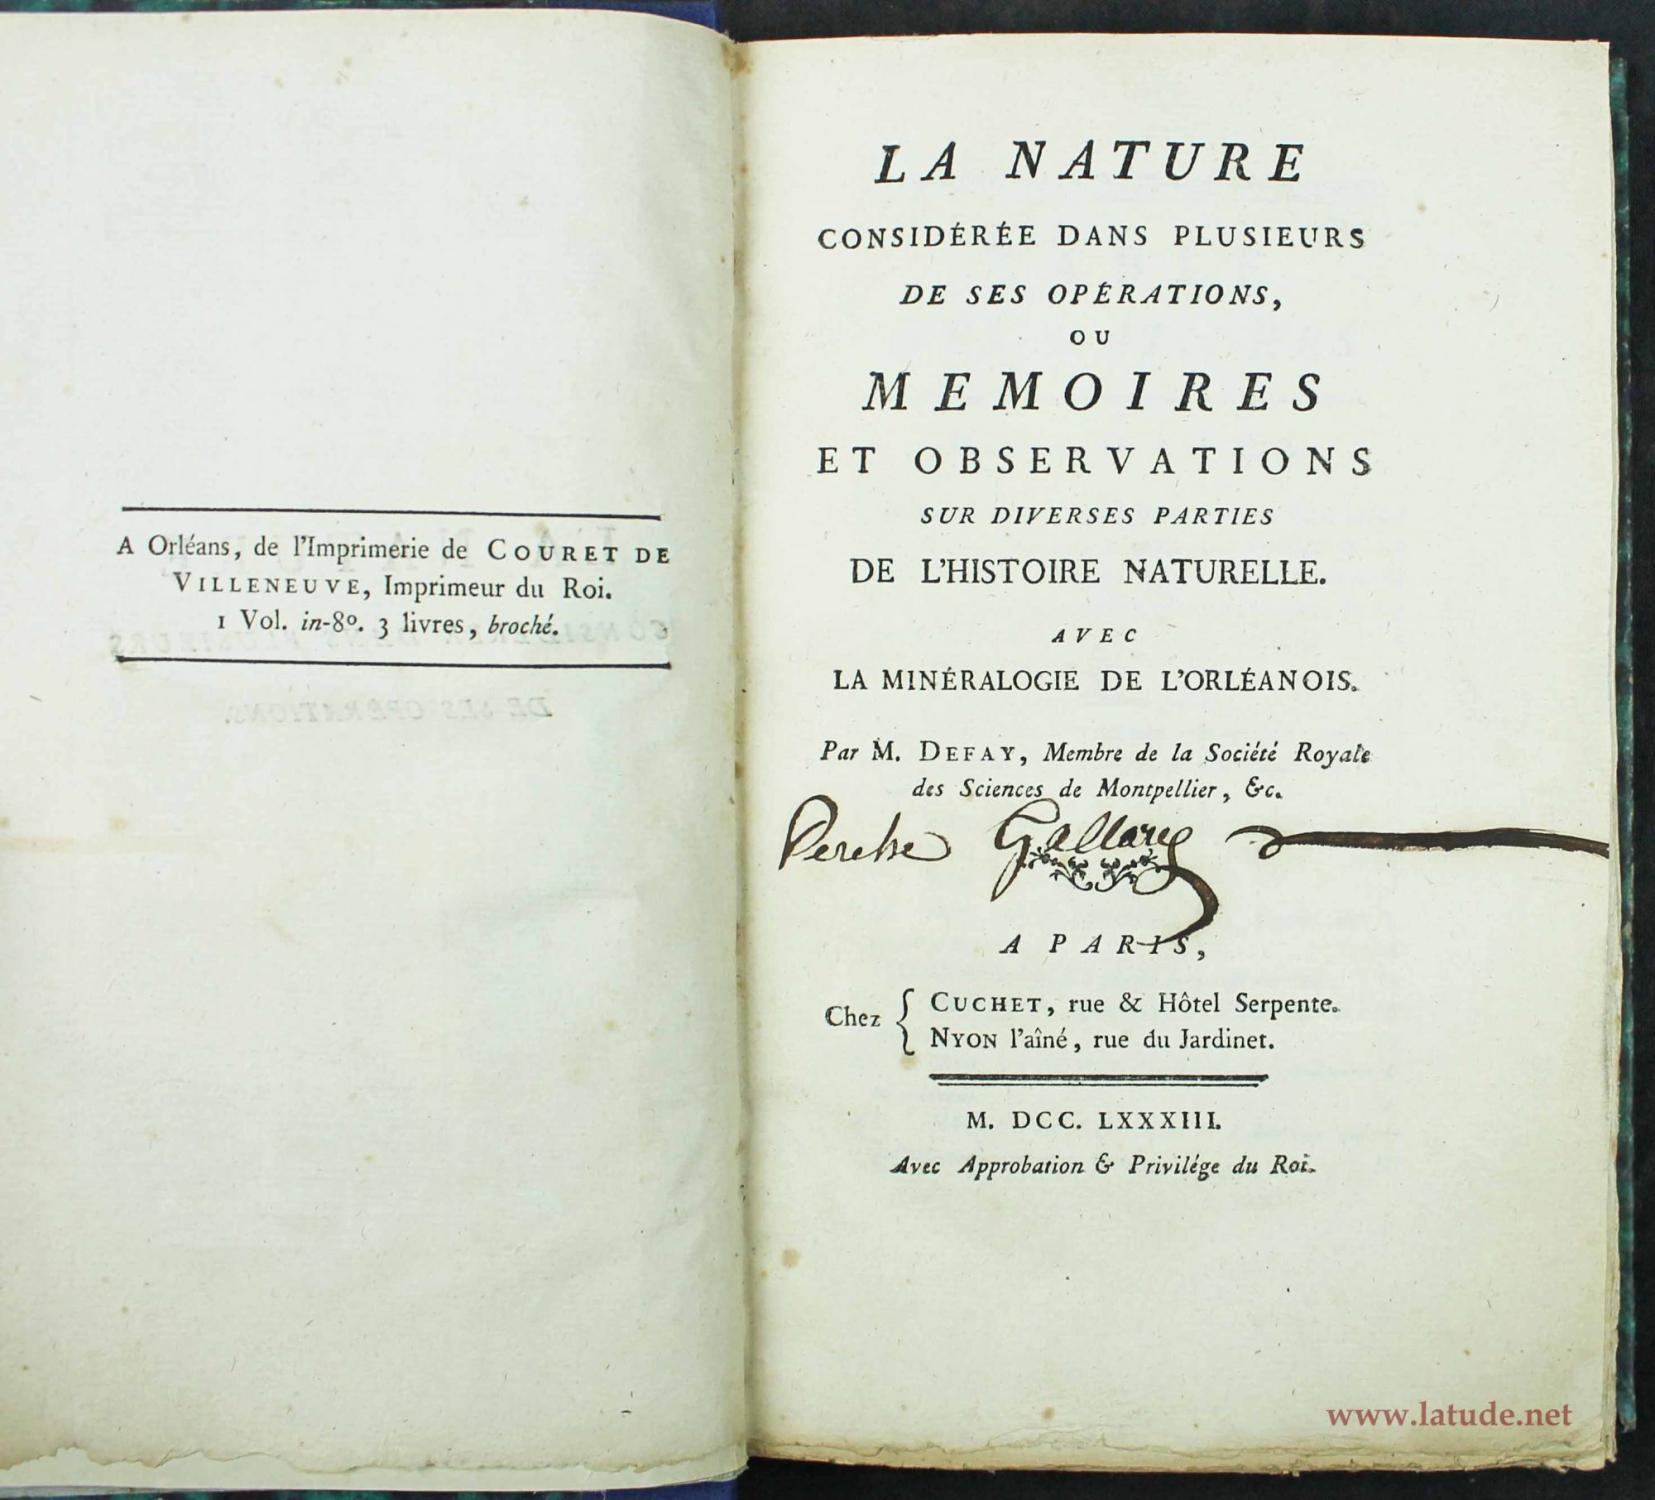 viaLibri ~ Rare Books from 1783 - Page 6